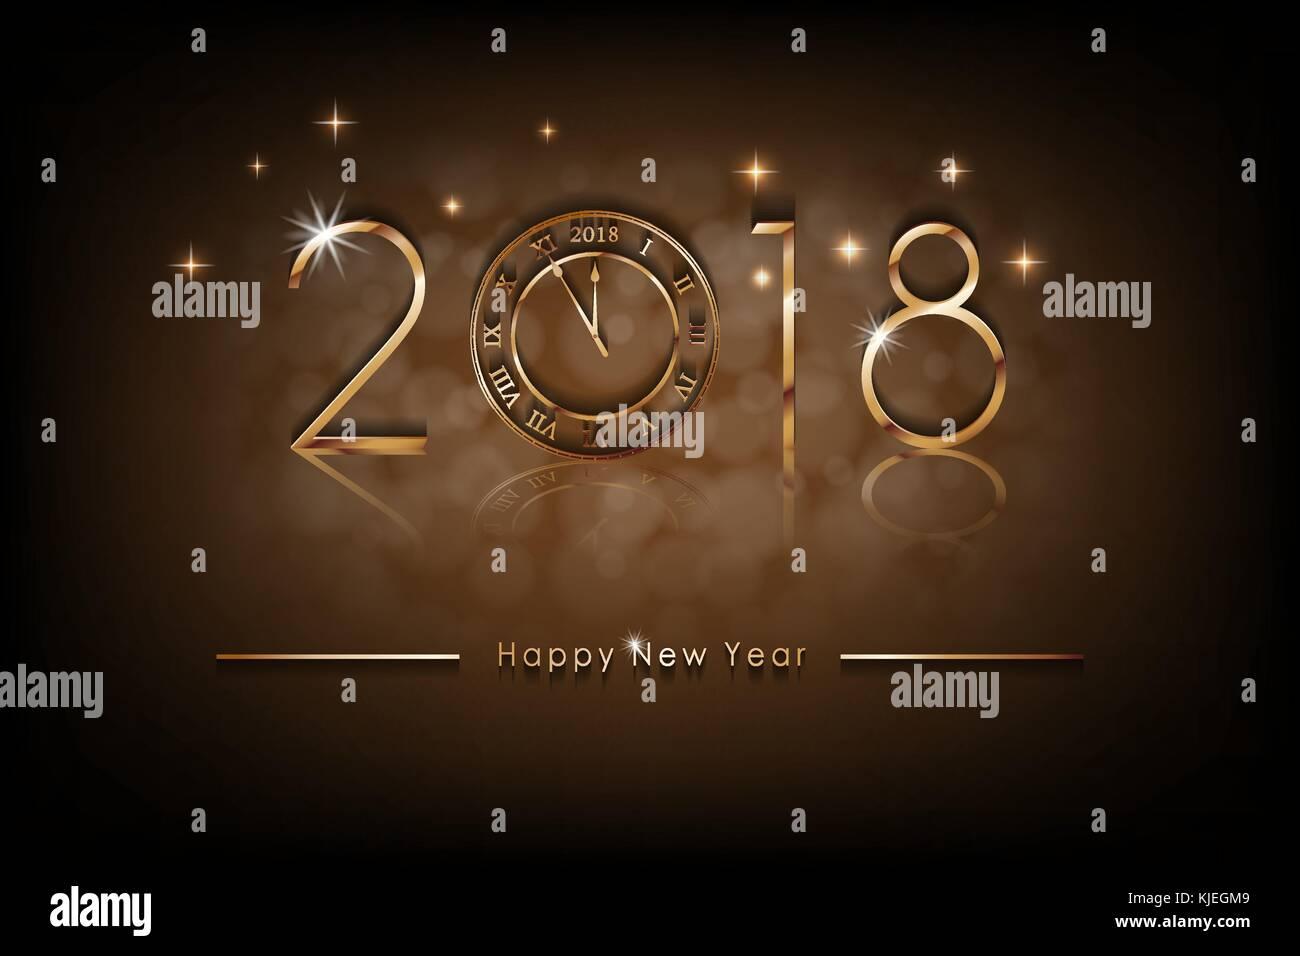 Frohes Neues 2018 Jahr Abbildung. Grüße neues Jahr Hintergrund ...